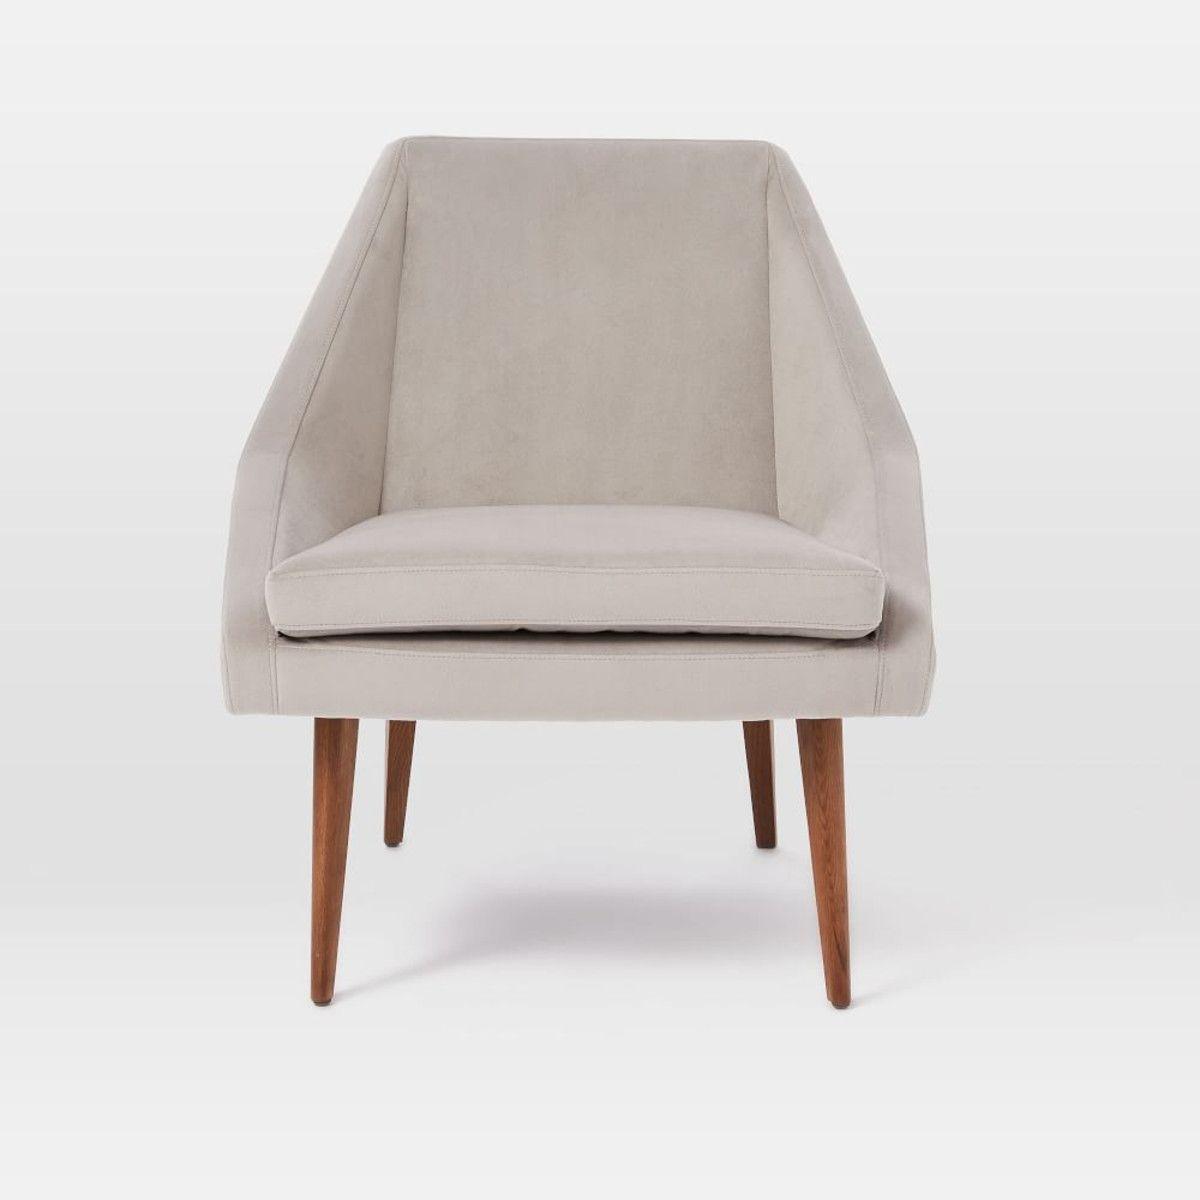 Ordinaire Parker Slipper Chair   Dove Grey | West Elm UK